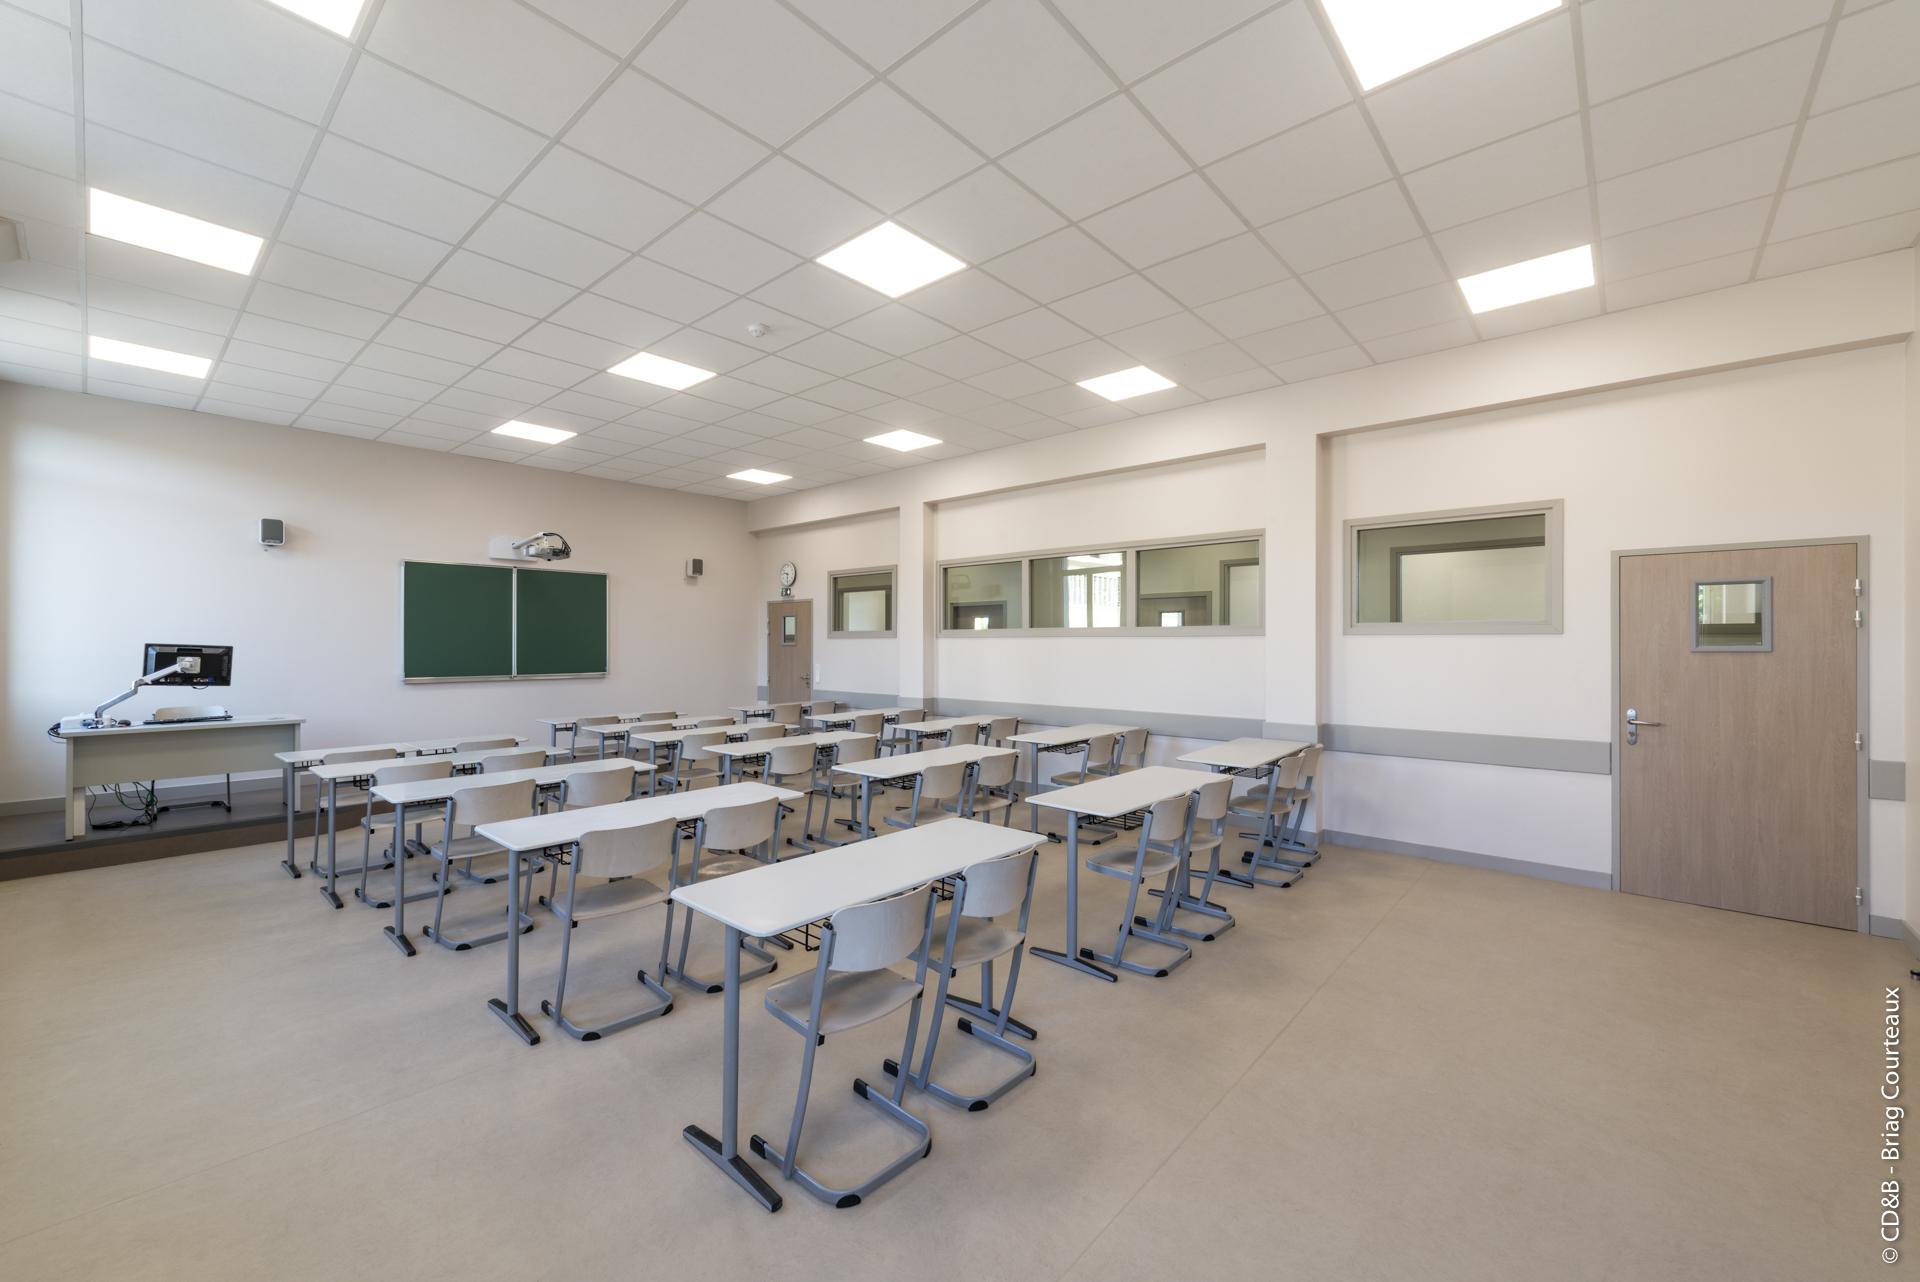 Conseil, aménagement, conception et réalisation des espaces du Lycée Passy-Buzenval par CDB, Meet you there.